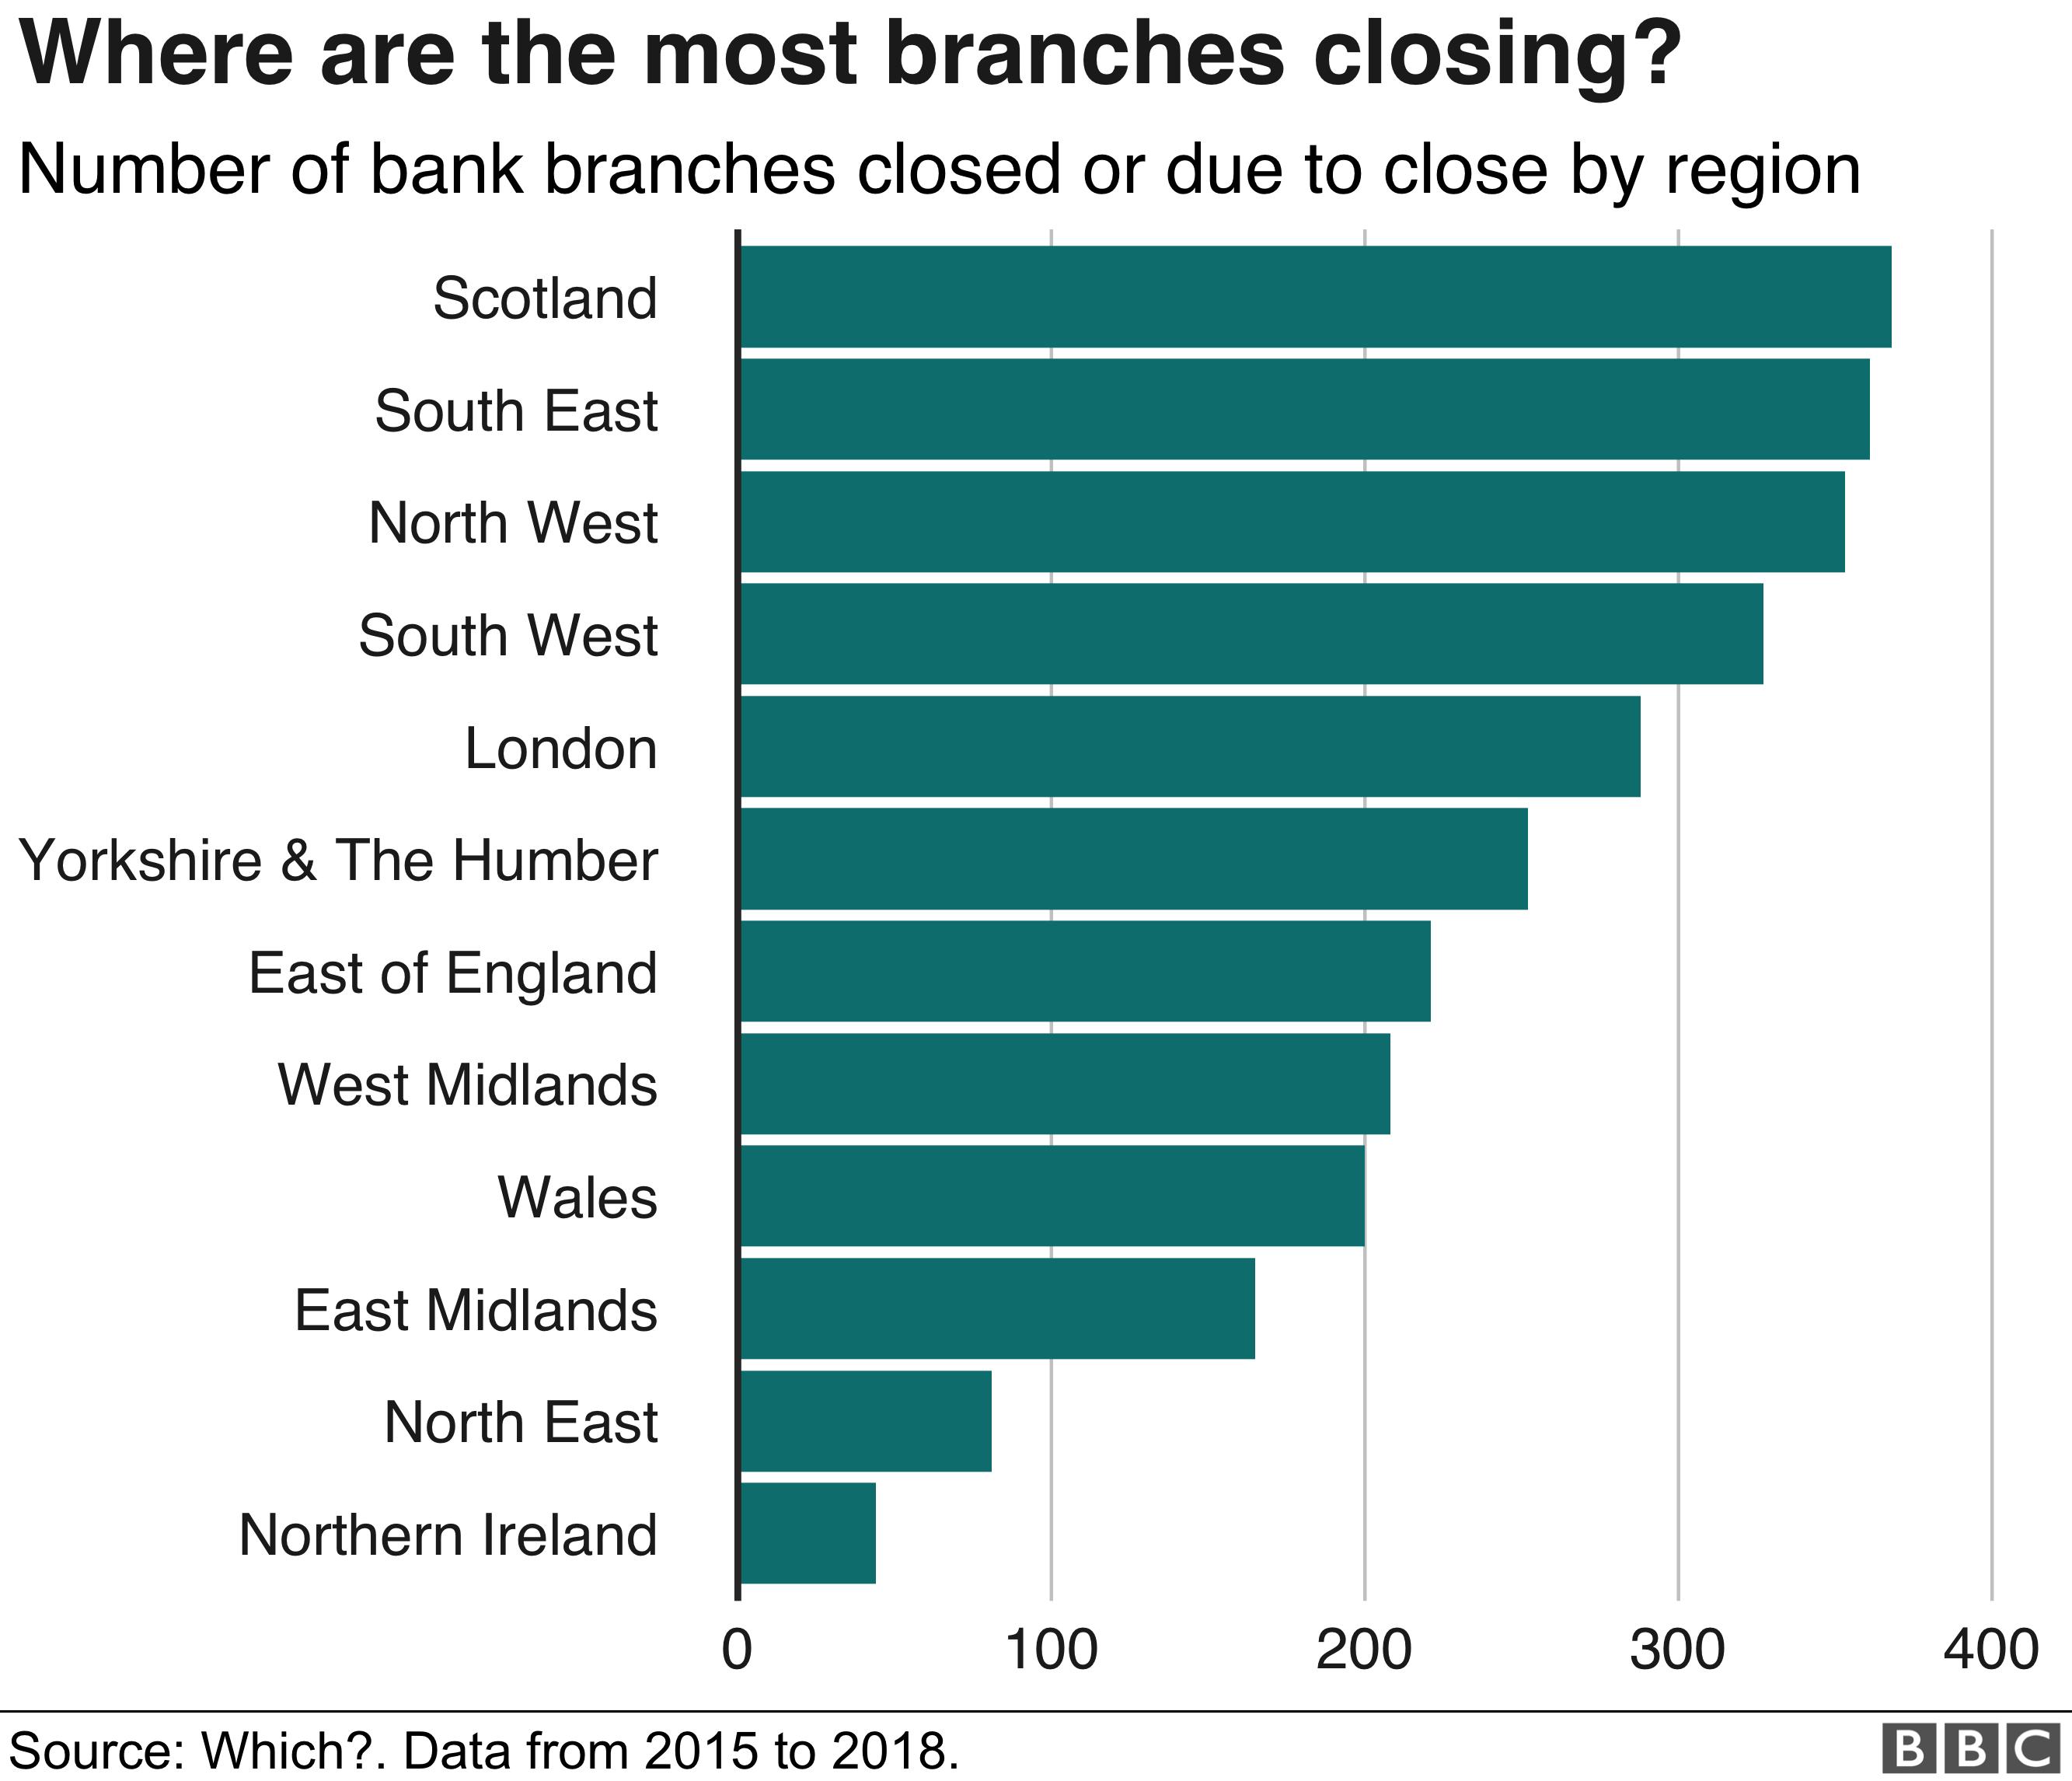 закрытие банков по регионам